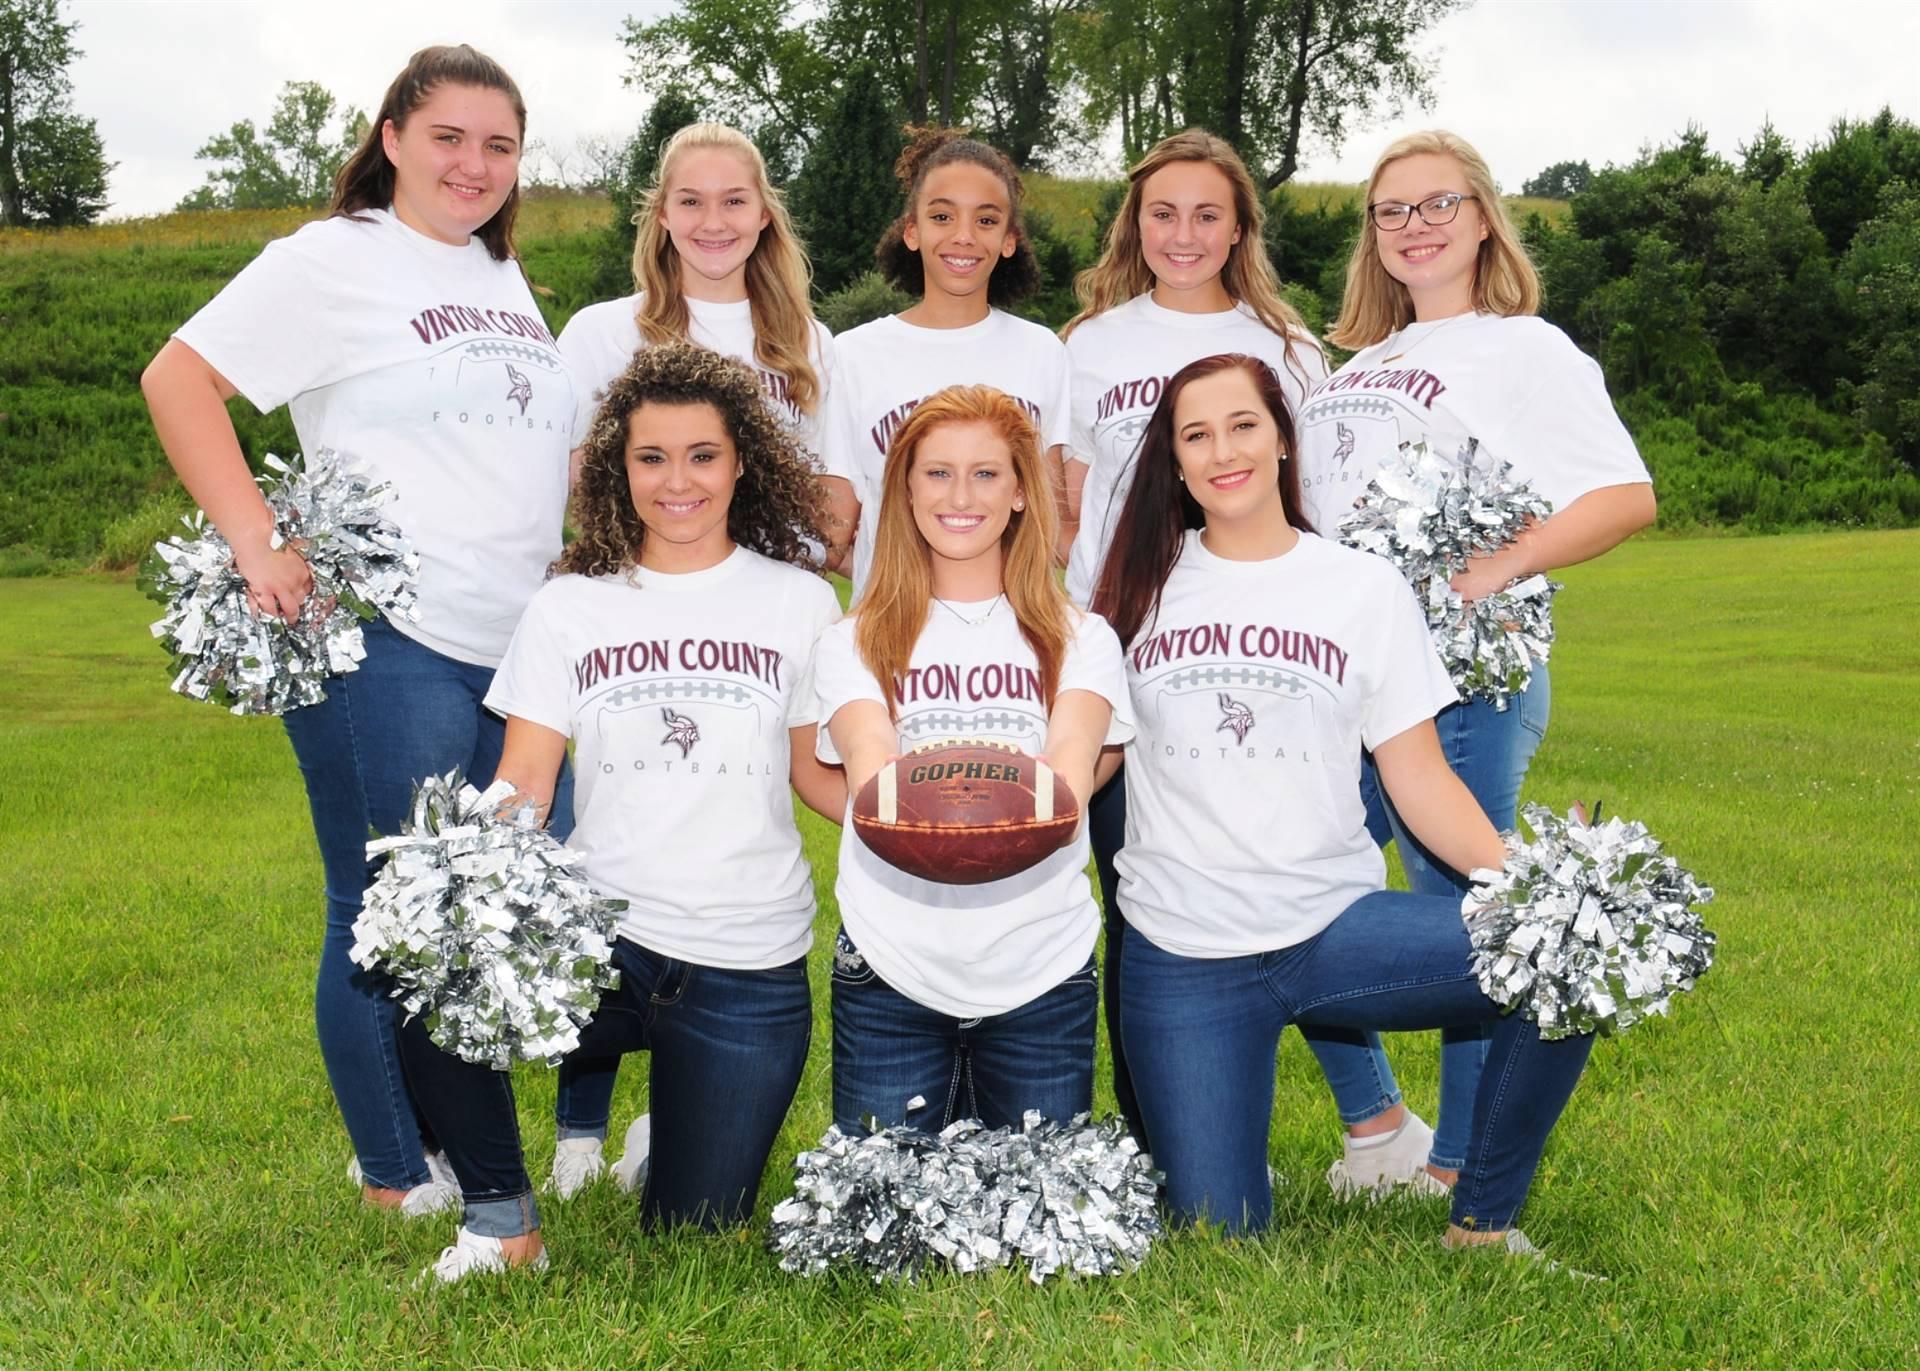 2018/2019 Varsity Cheerleaders